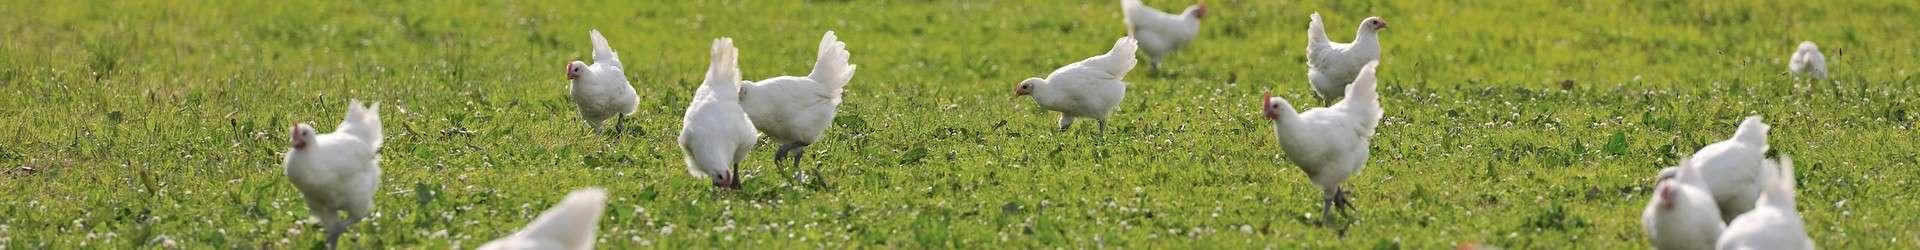 ferme-de-la-viennette-montret-volailles-de-bresse-aoc-aop-en-plein-air-amedee-de-almeida-52-184